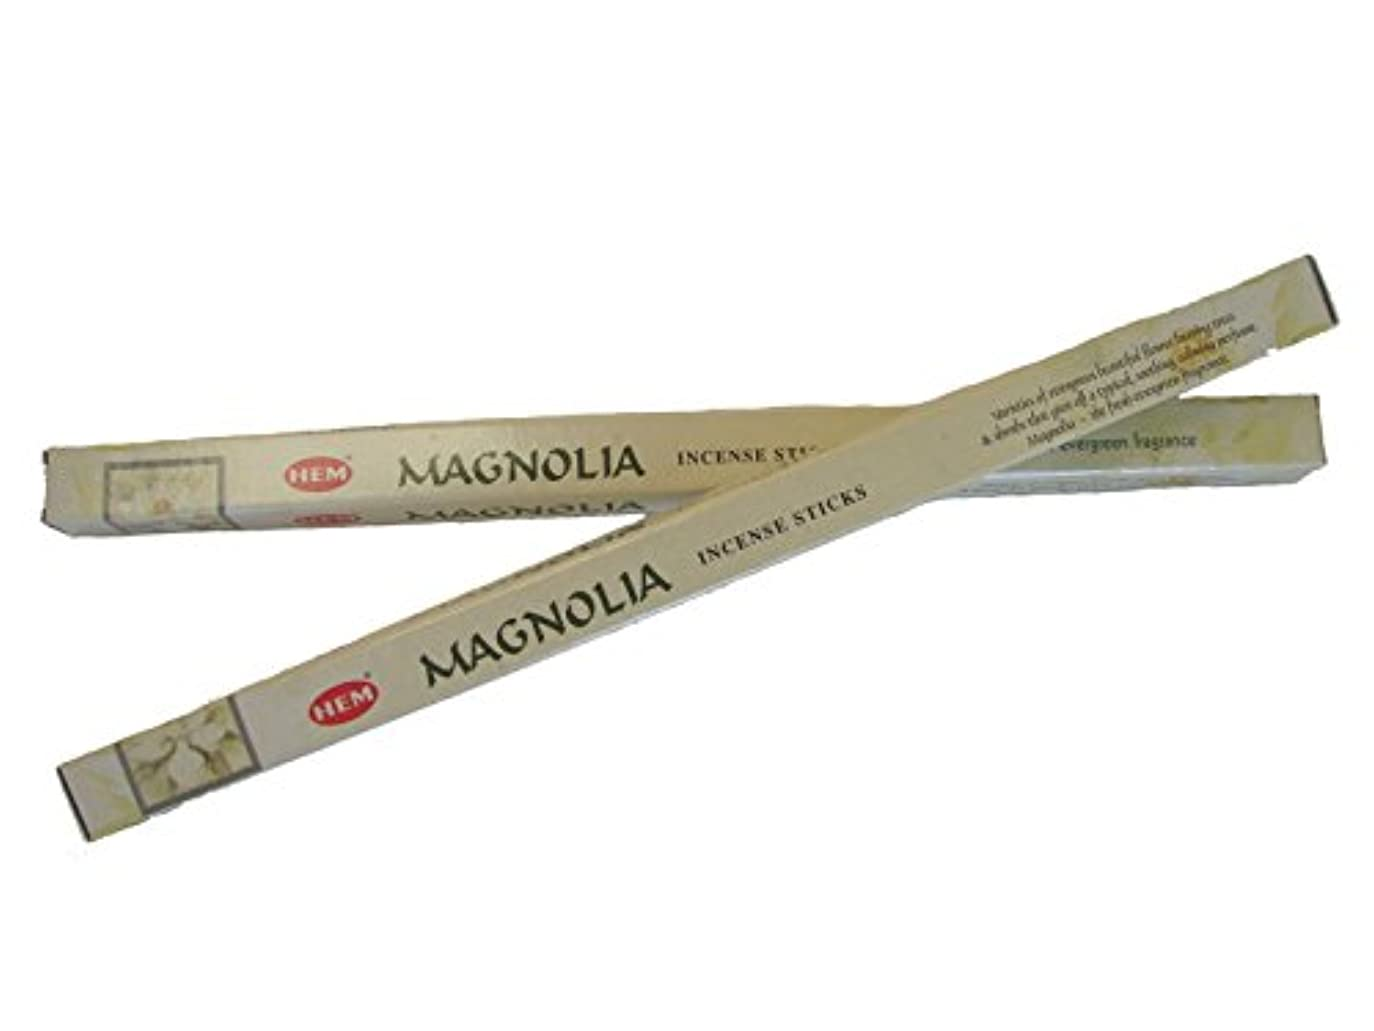 失効バイソン贅沢な4 Boxes of Magnolia Incense Sticks